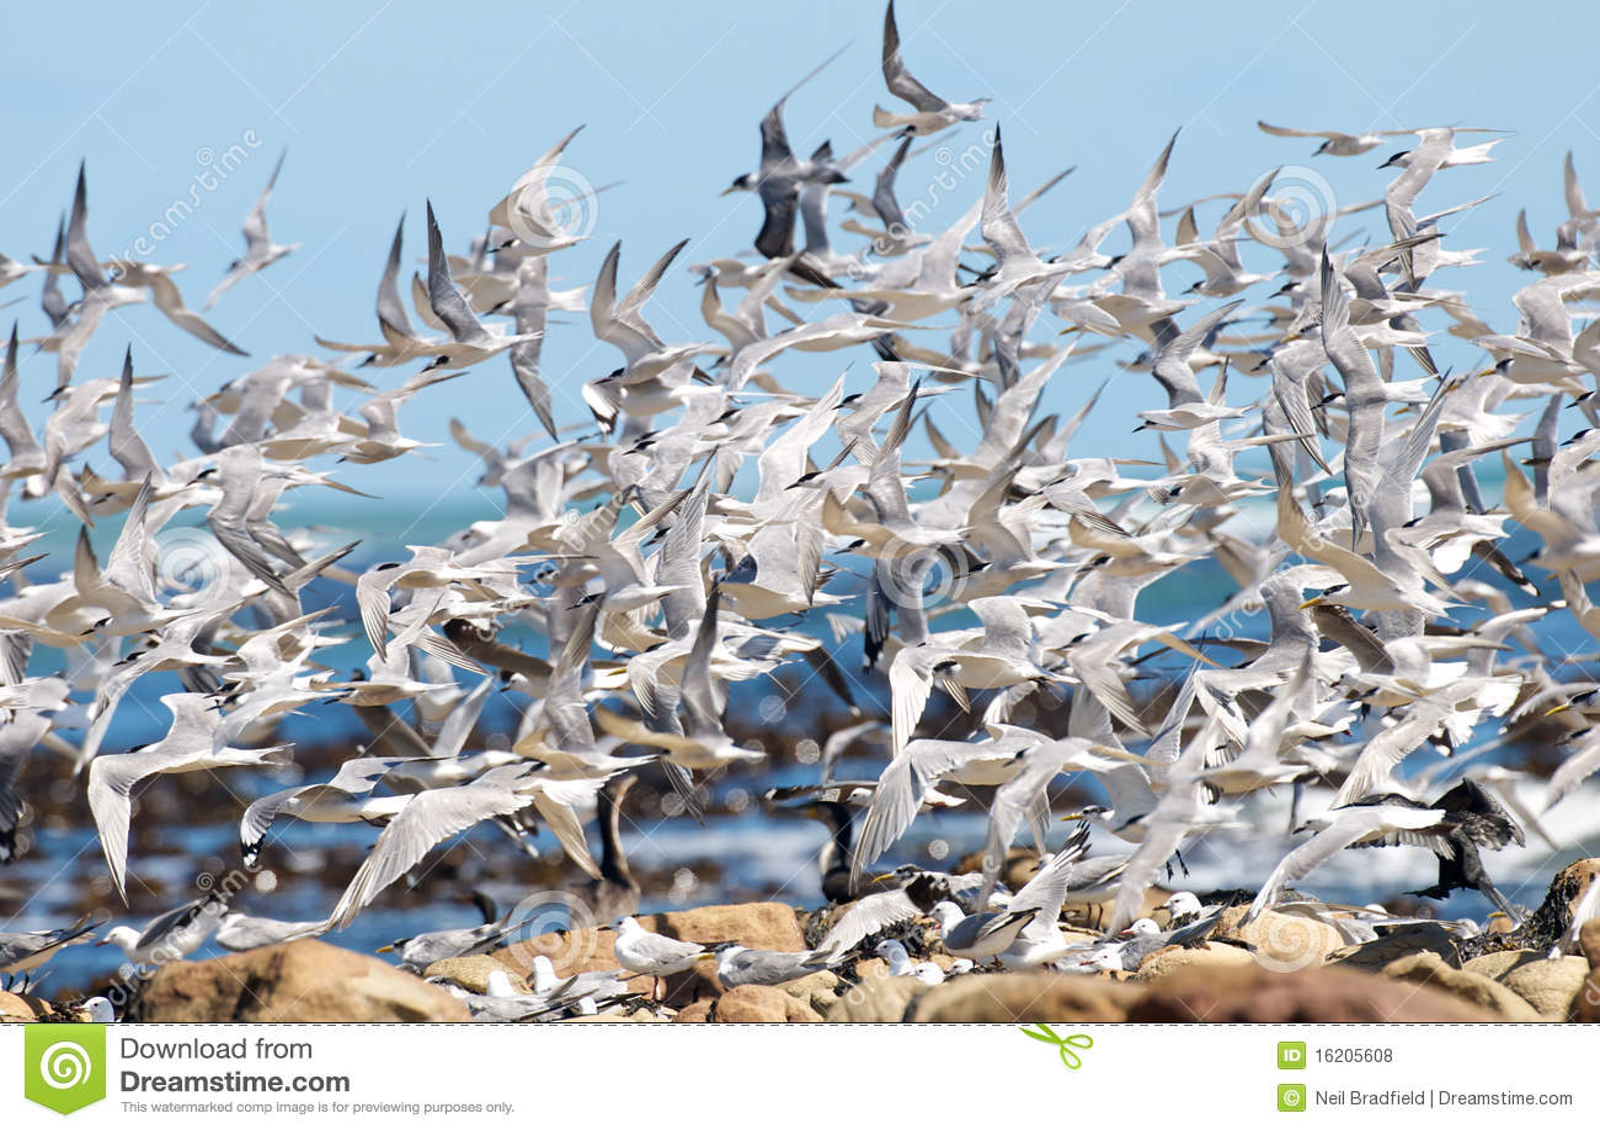 Sea Bird Chaos